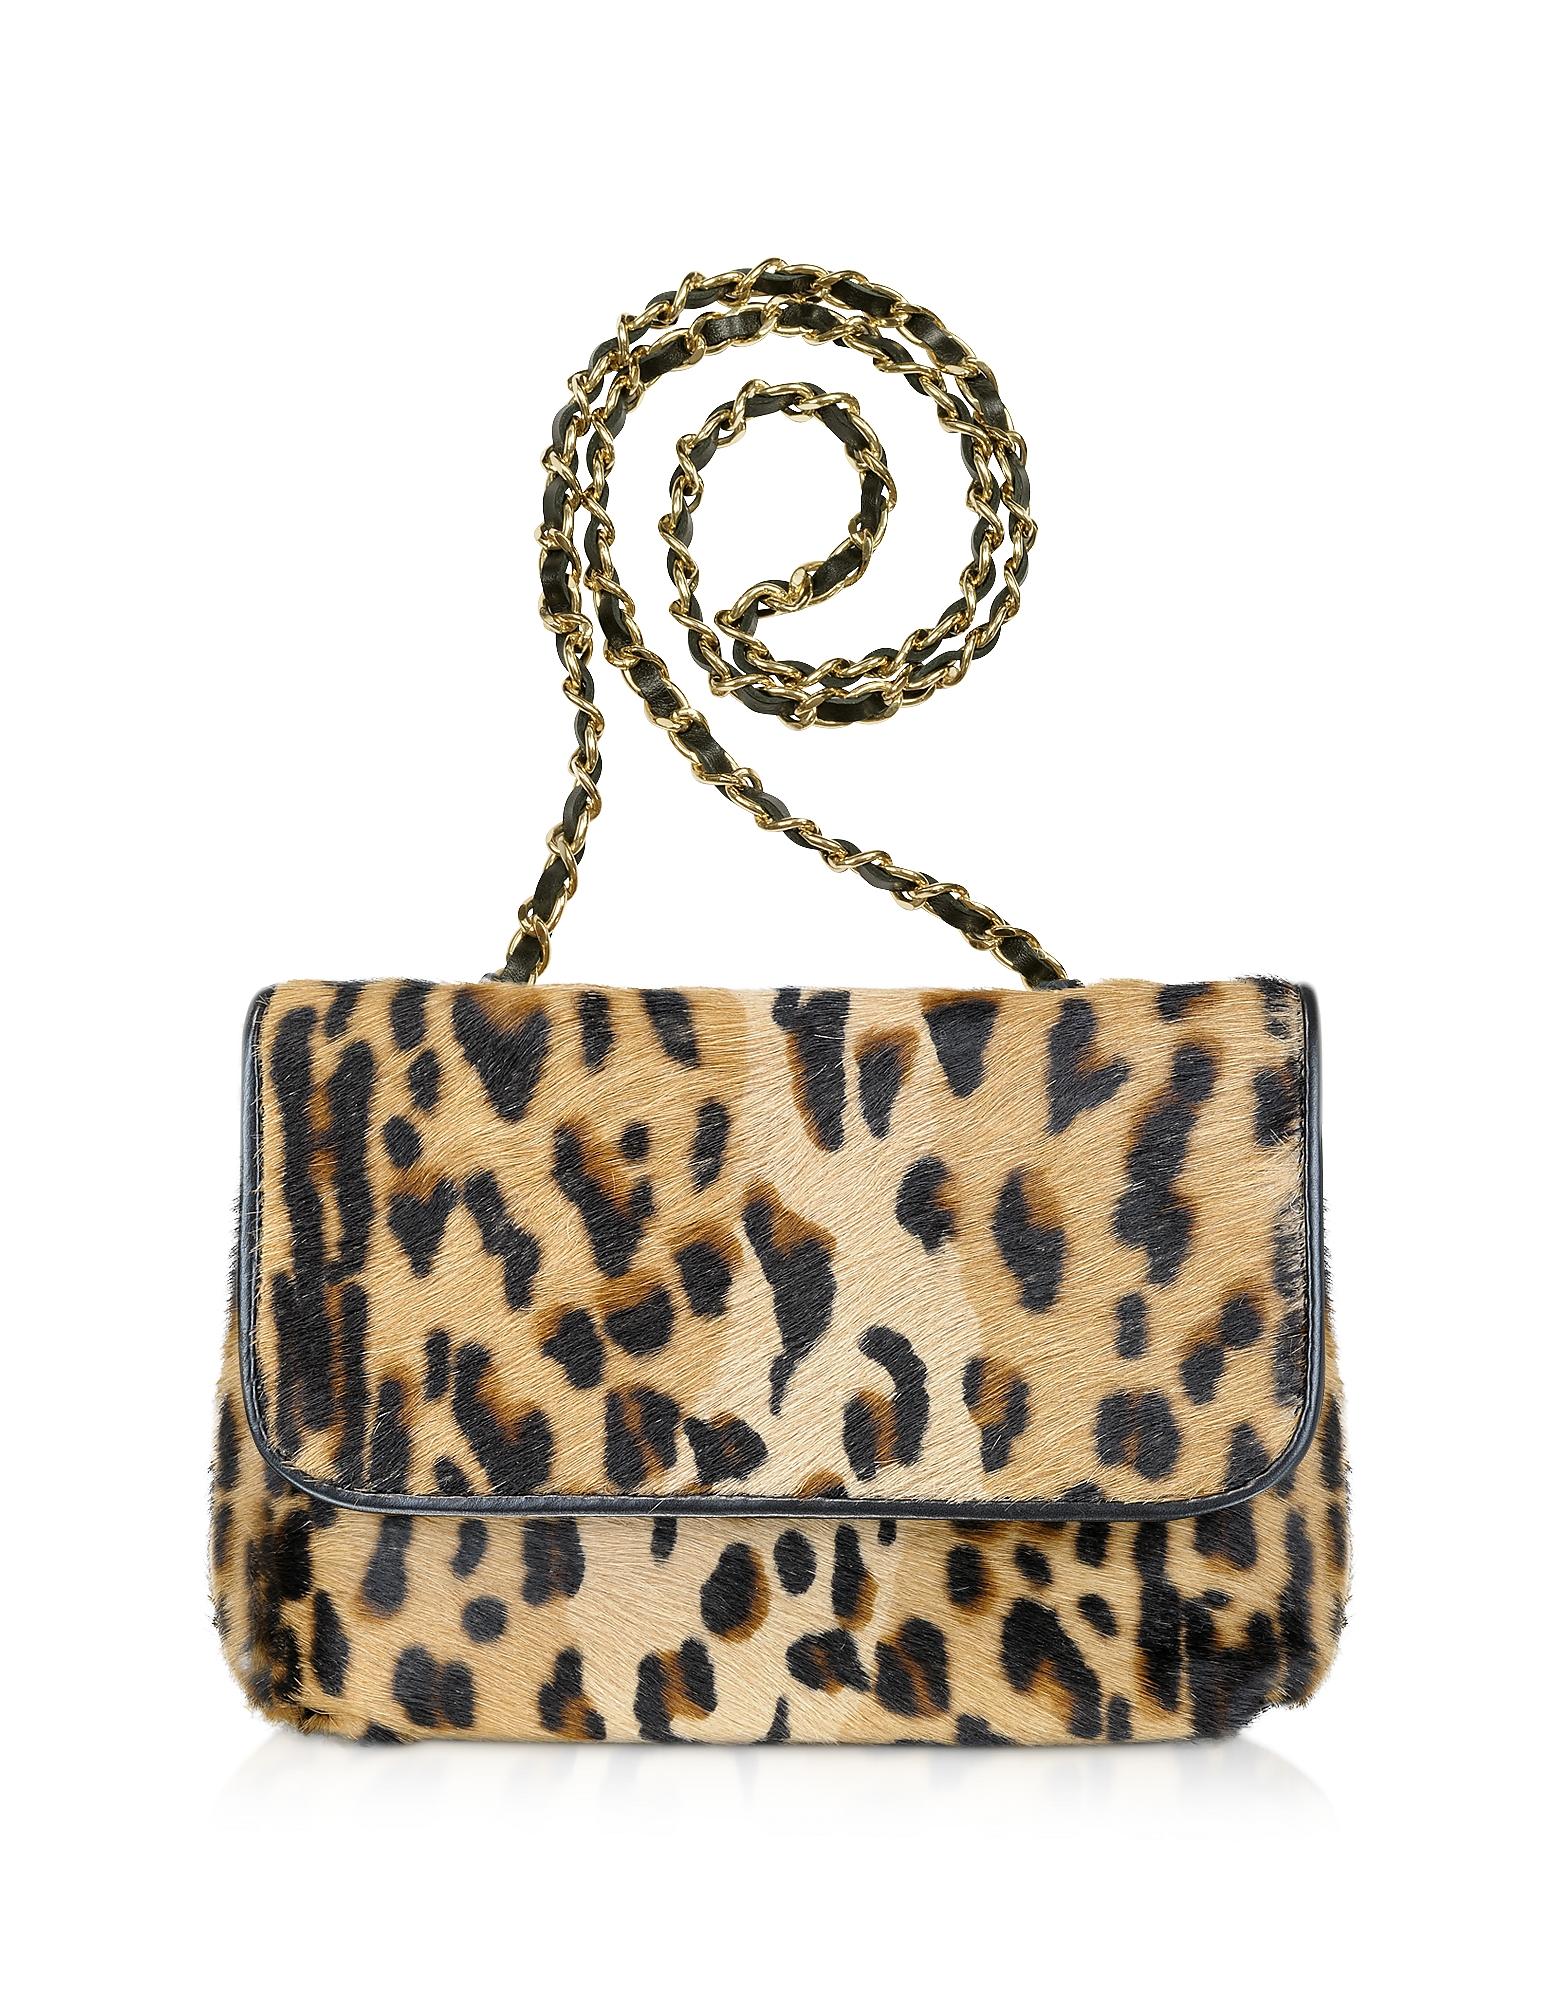 Fontanelli Handbags, Calfhair Leopard Print Shoulder Bag